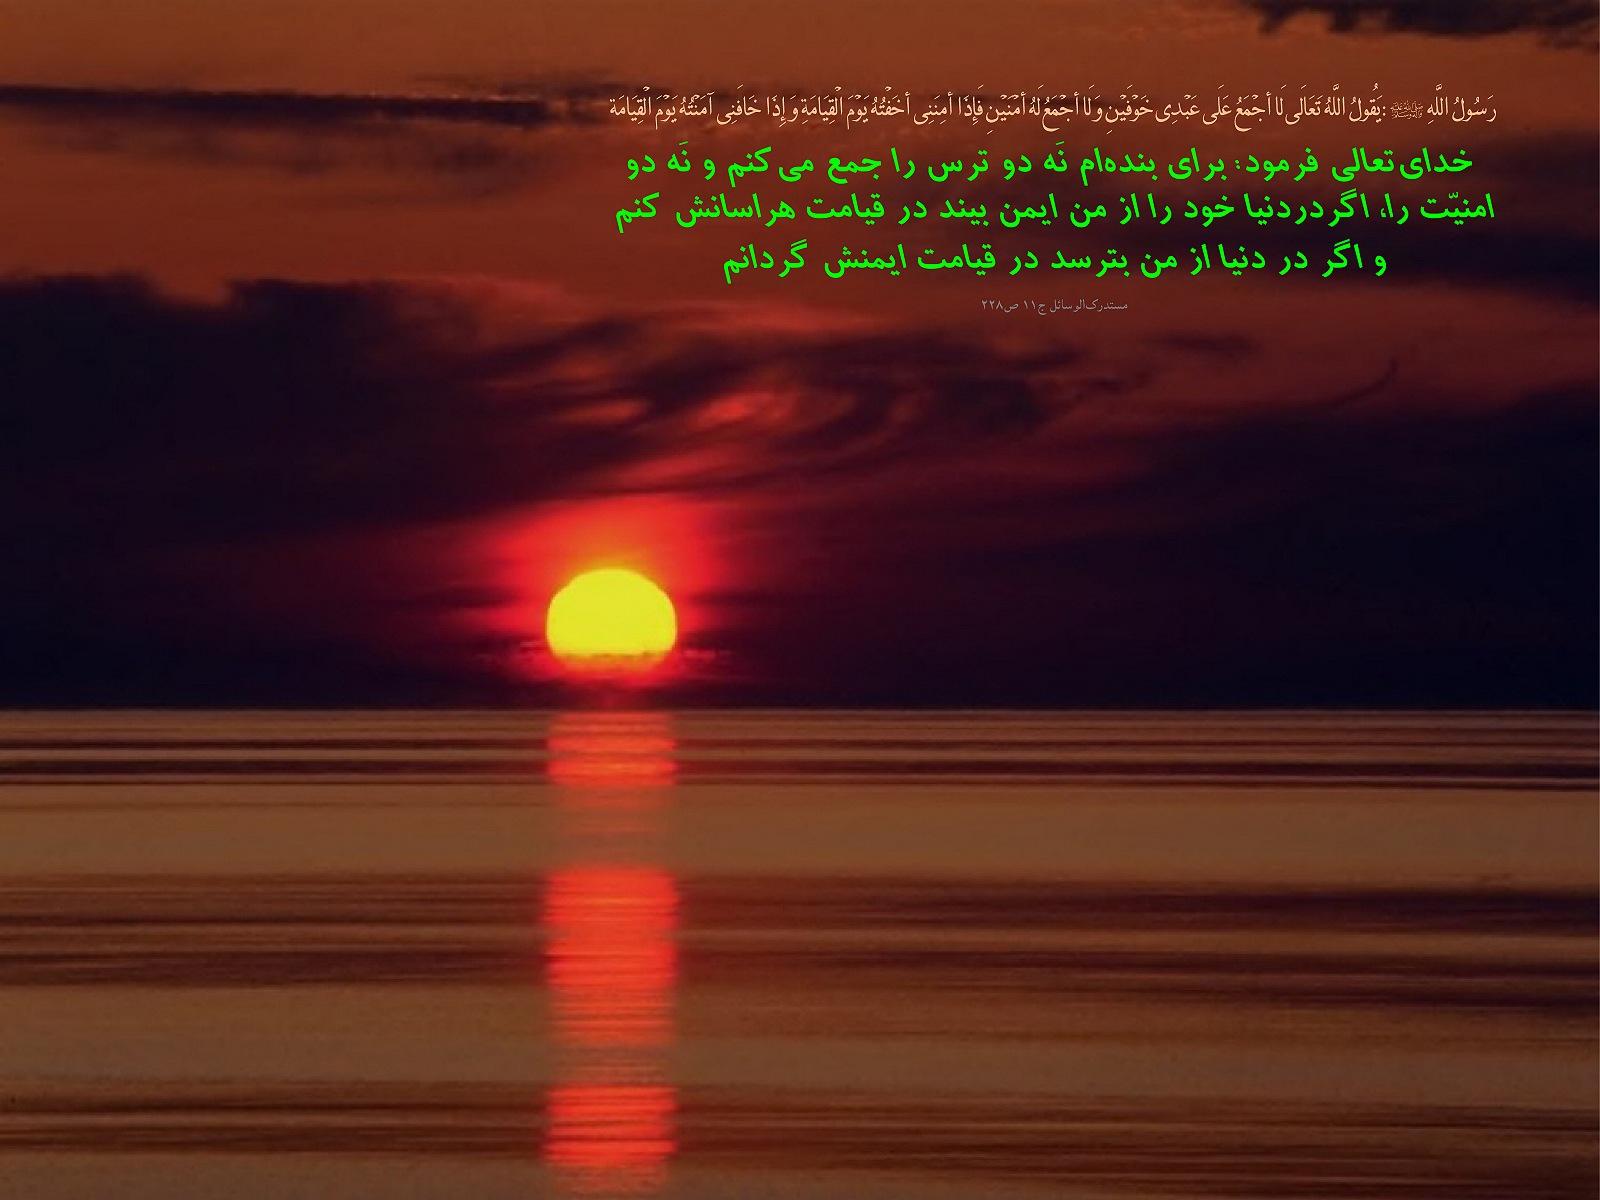 http://mhkh1972.gohardasht.com/uploaded/_666D6B8E-836E-4FAE-AB83-C58ABAADD8D2_.jpg